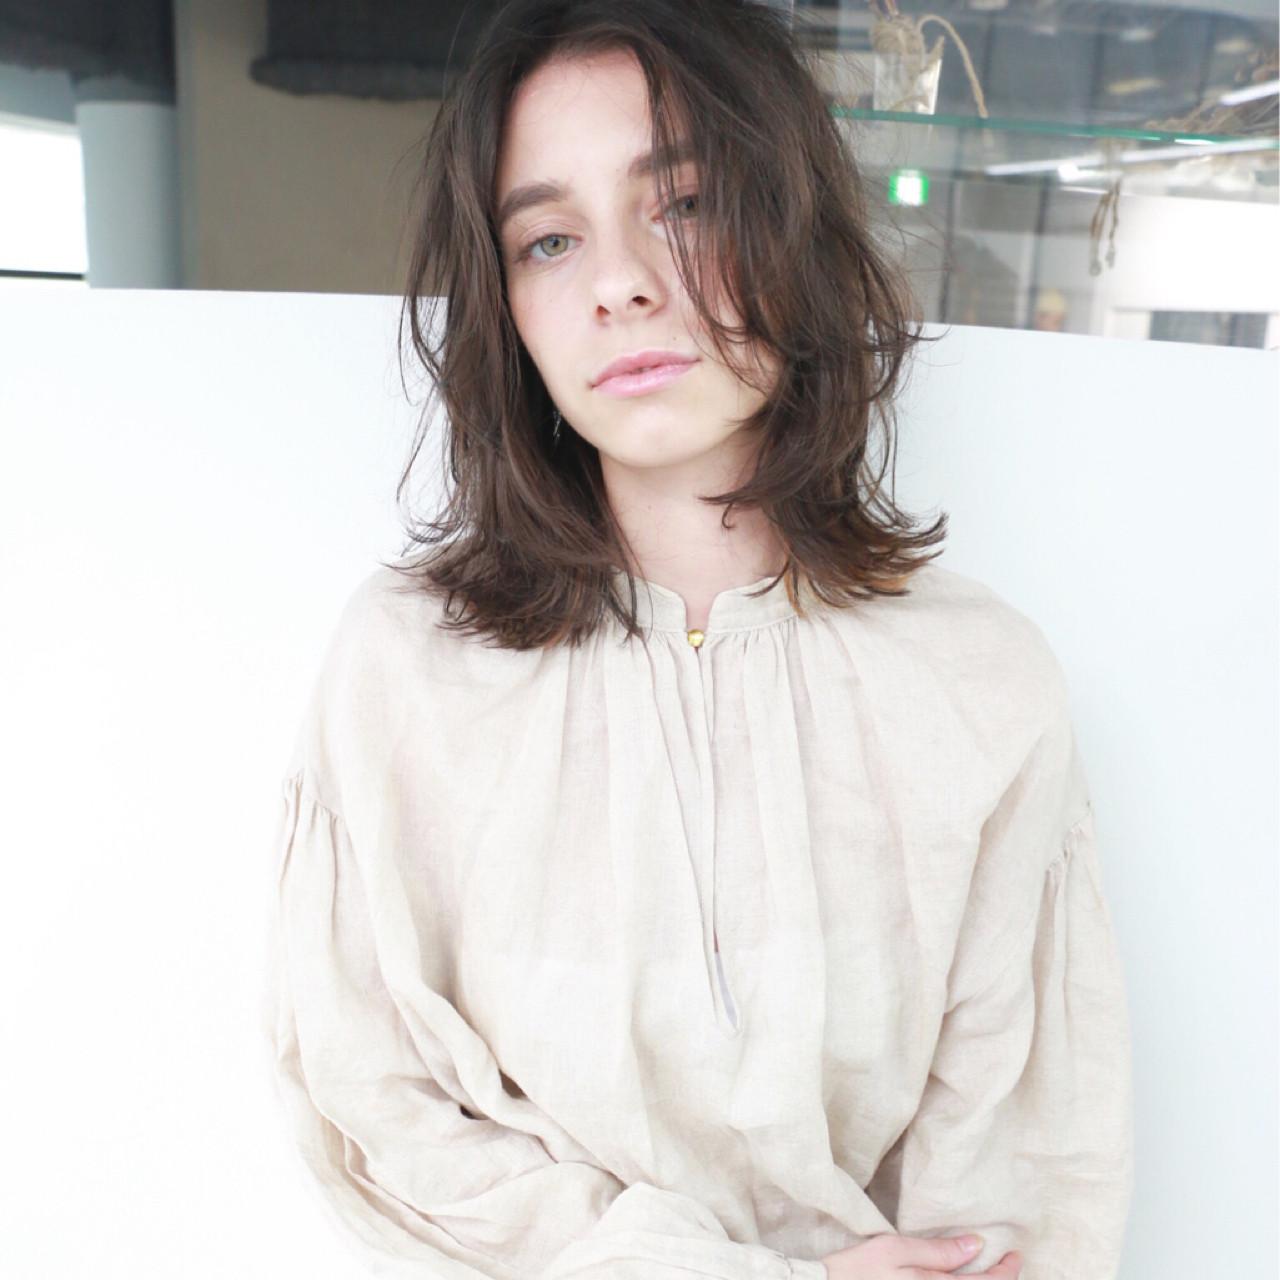 ミディアム 暗髪 外国人風 ナチュラル ヘアスタイルや髪型の写真・画像 | 高橋 忍 / nanuk渋谷店(ナヌーク)